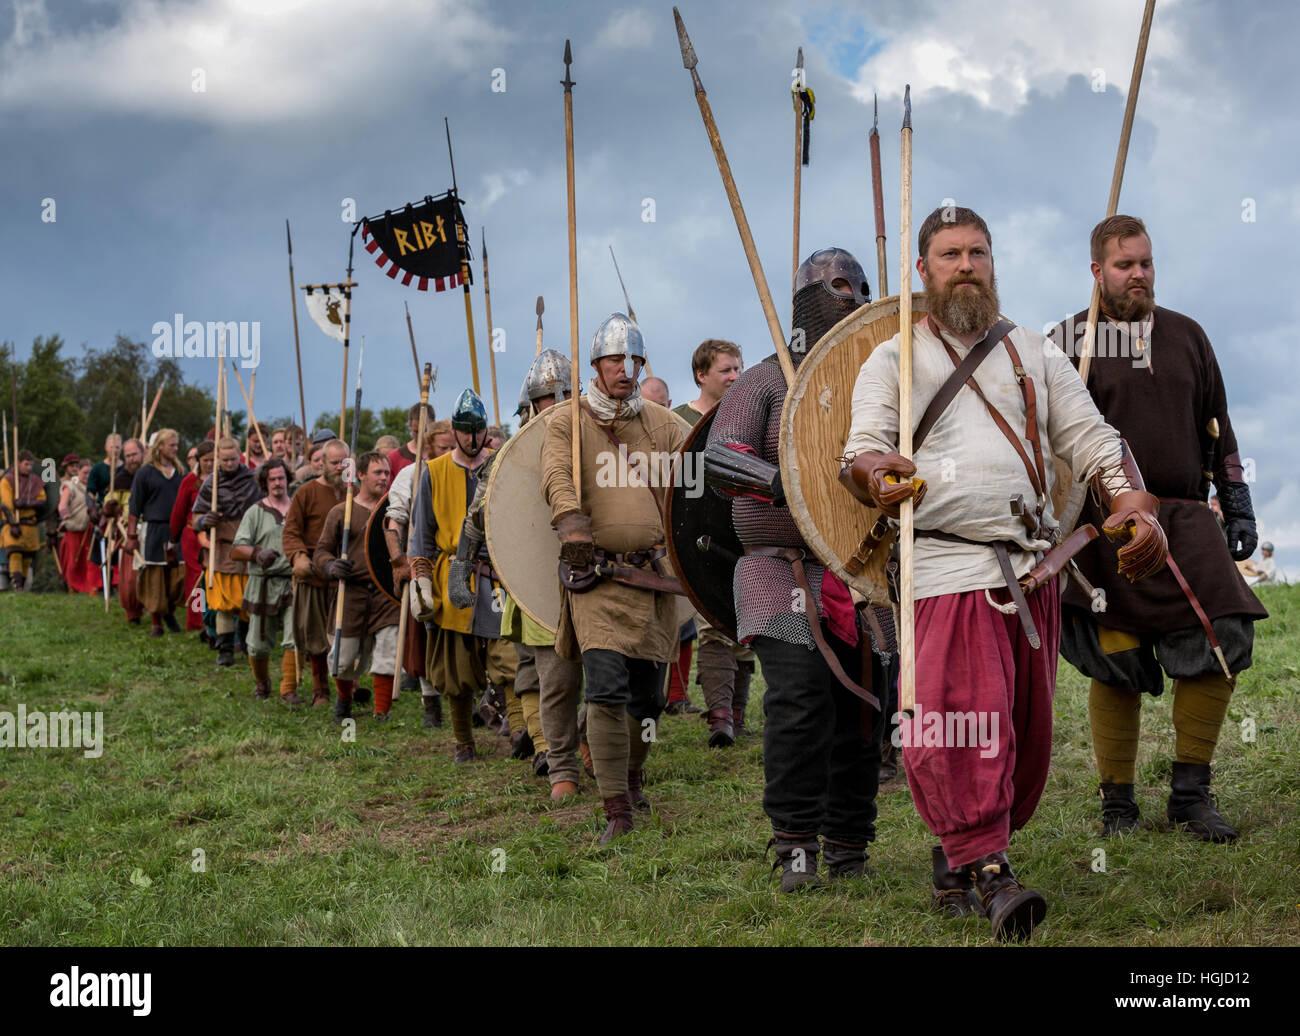 People dresses as vikings preparing for battle, Moesgaard, Århus, Denmark - Stock Image